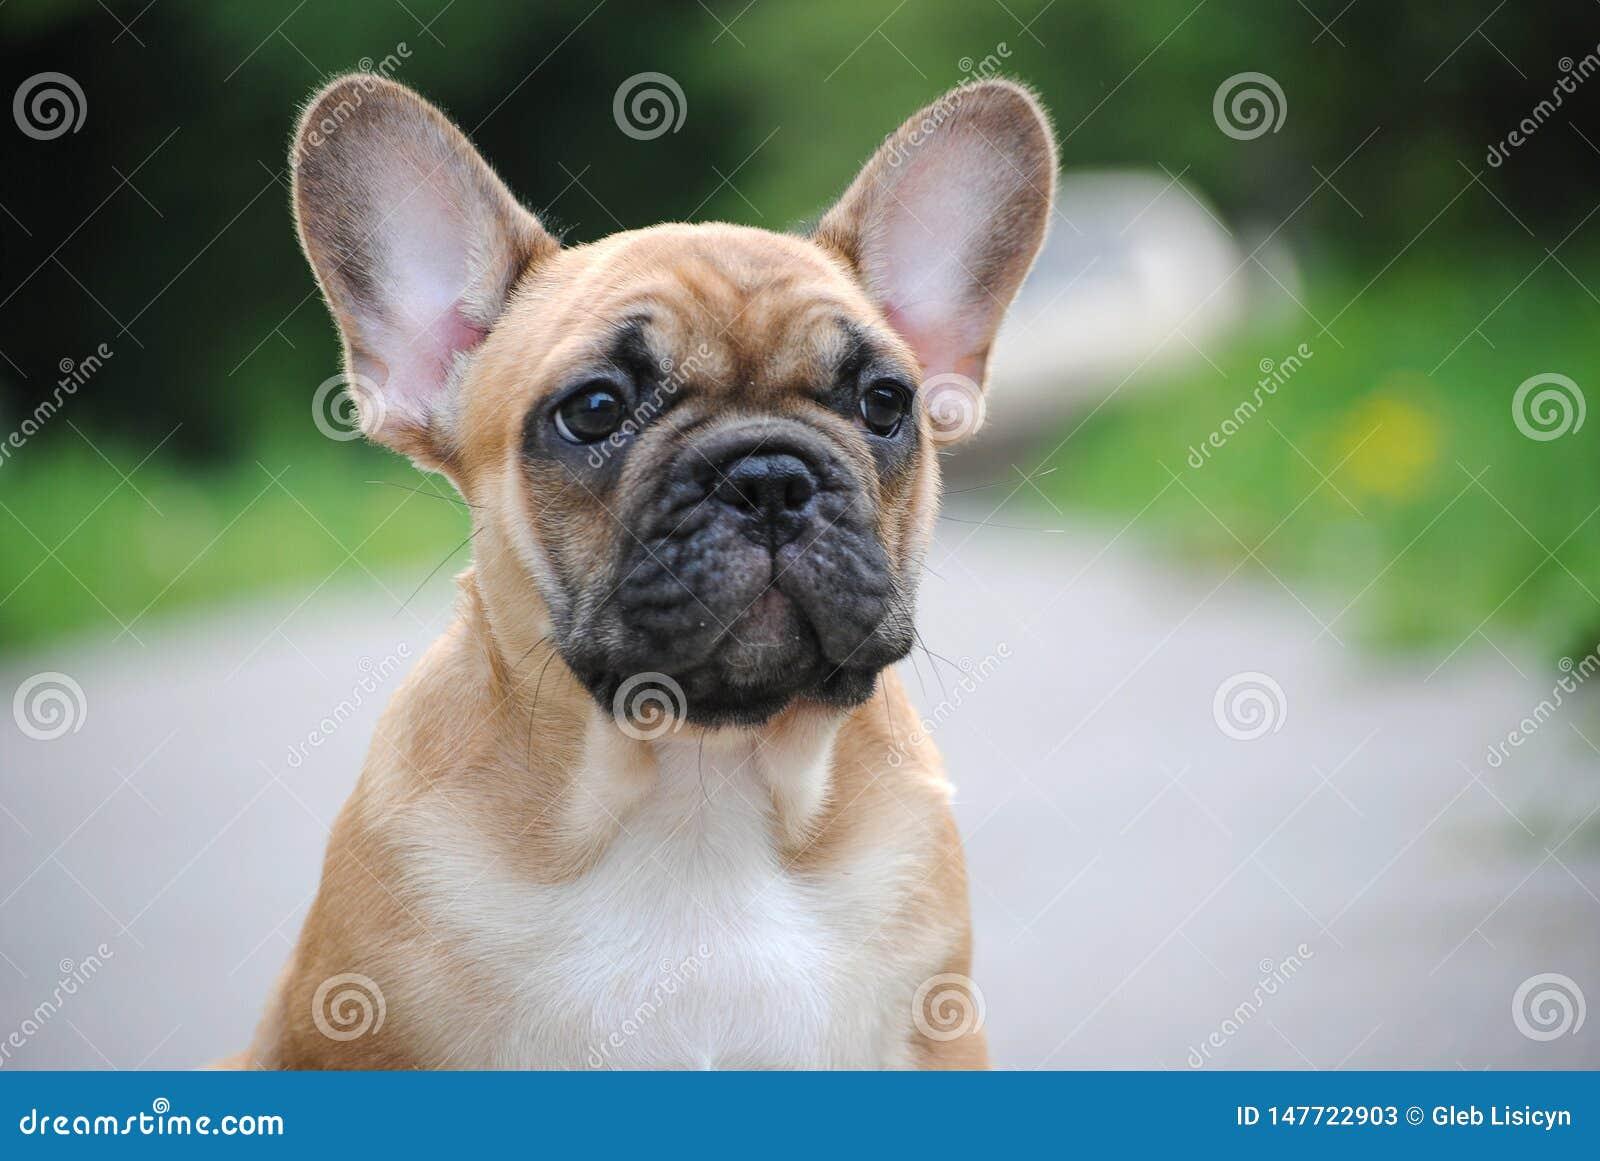 Welpe der franz?sischen Bulldogge auf einem Weg